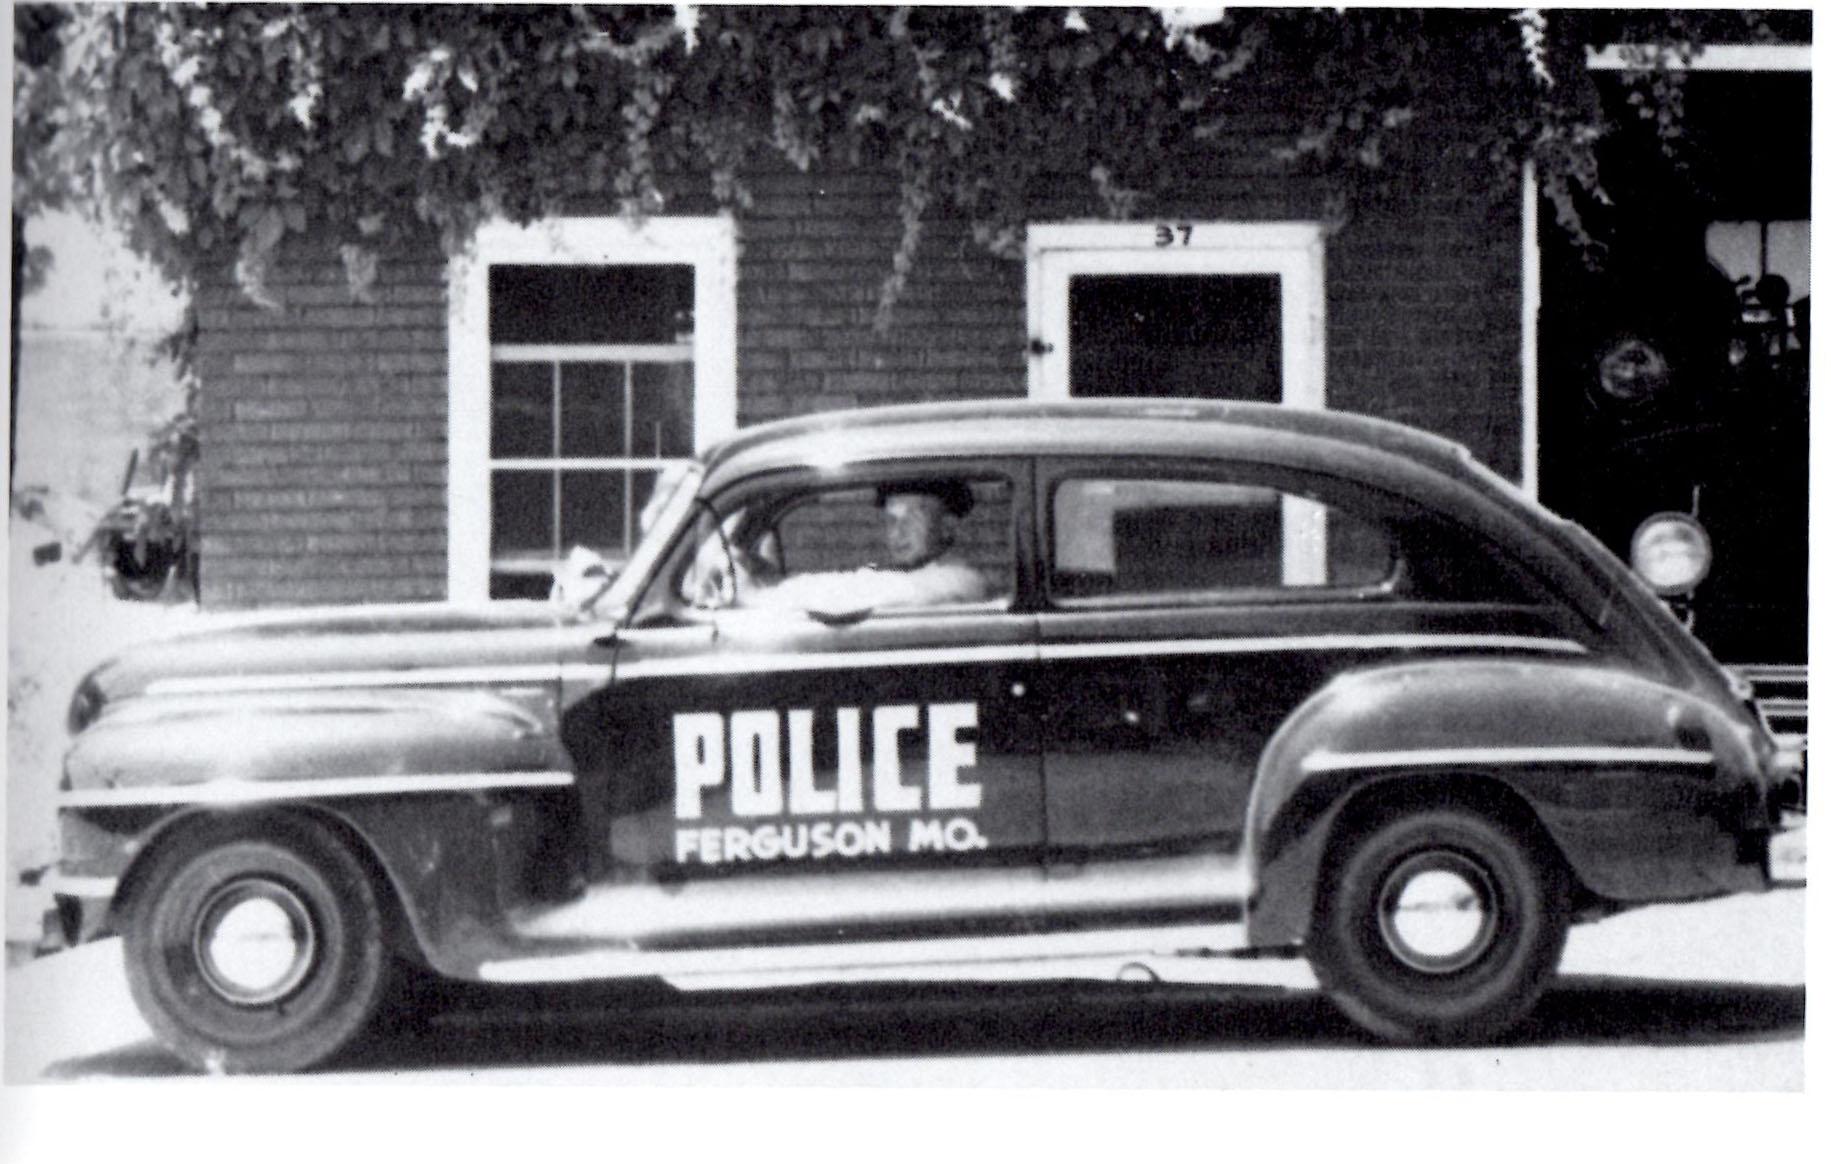 Ferguson police car 1950